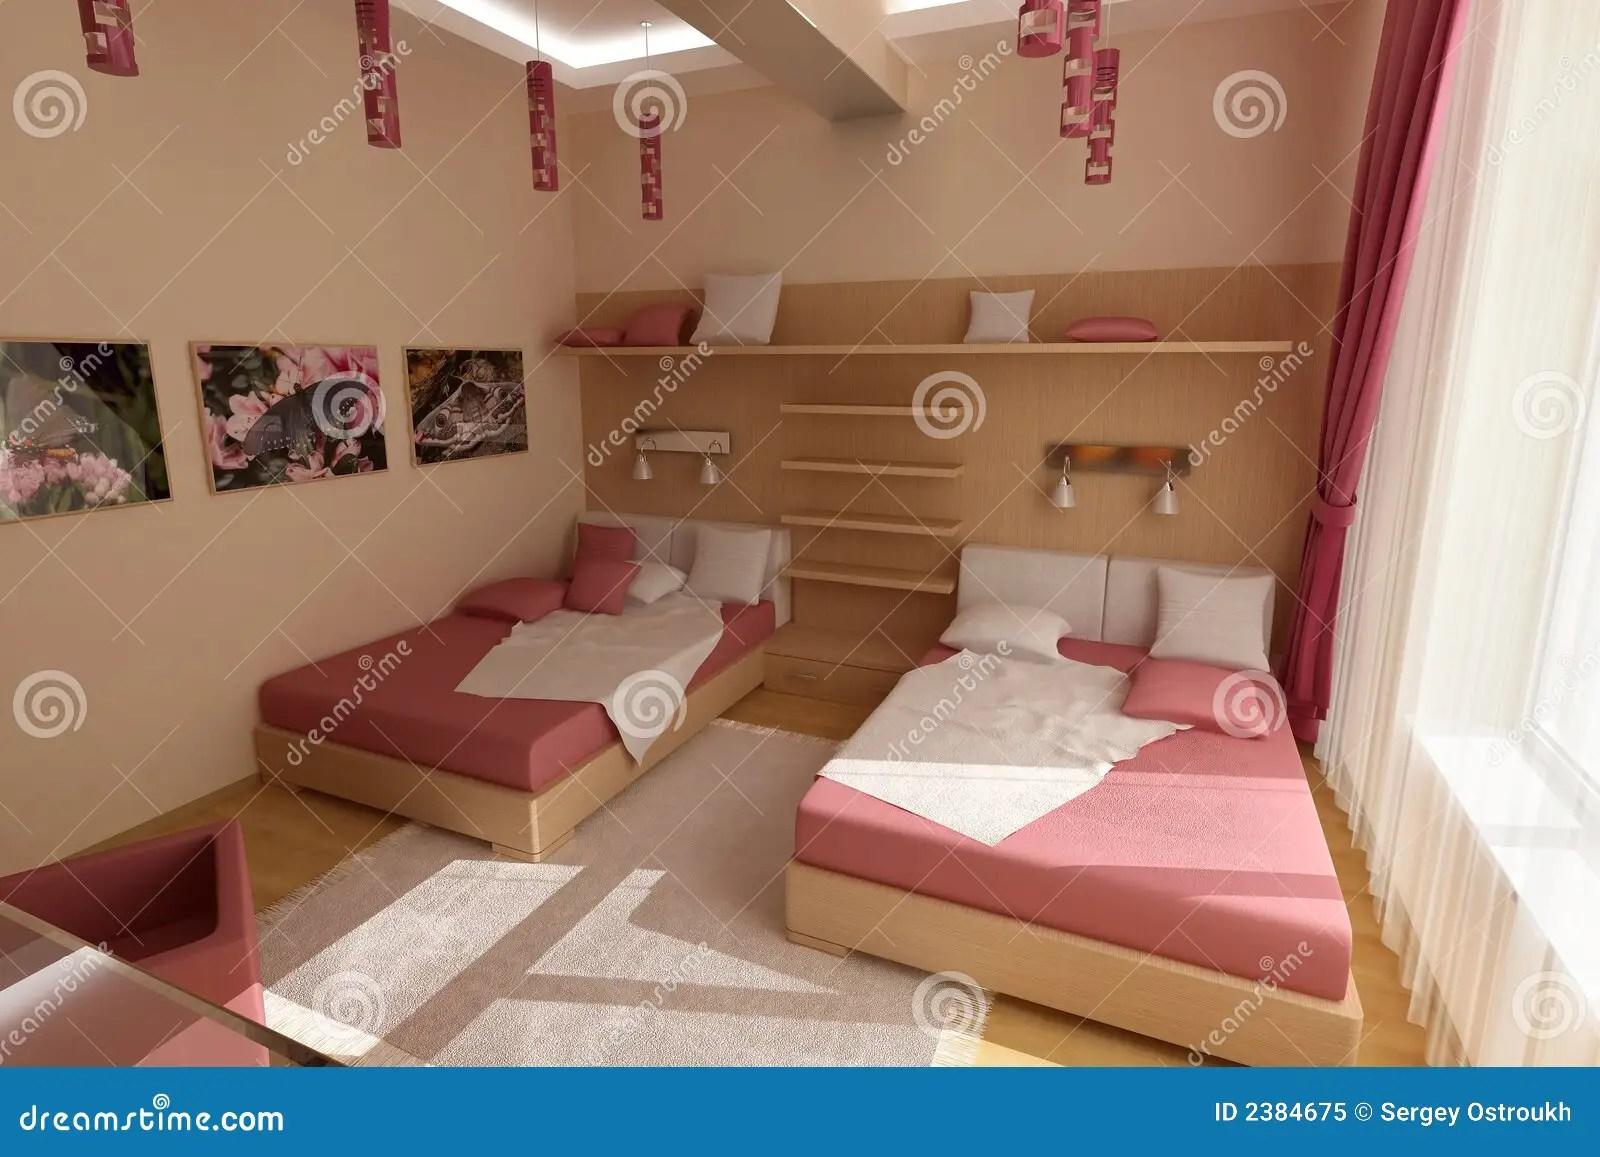 Roze Slaapkamer Royaltyvrije Stock Foto  Beeld 2384675